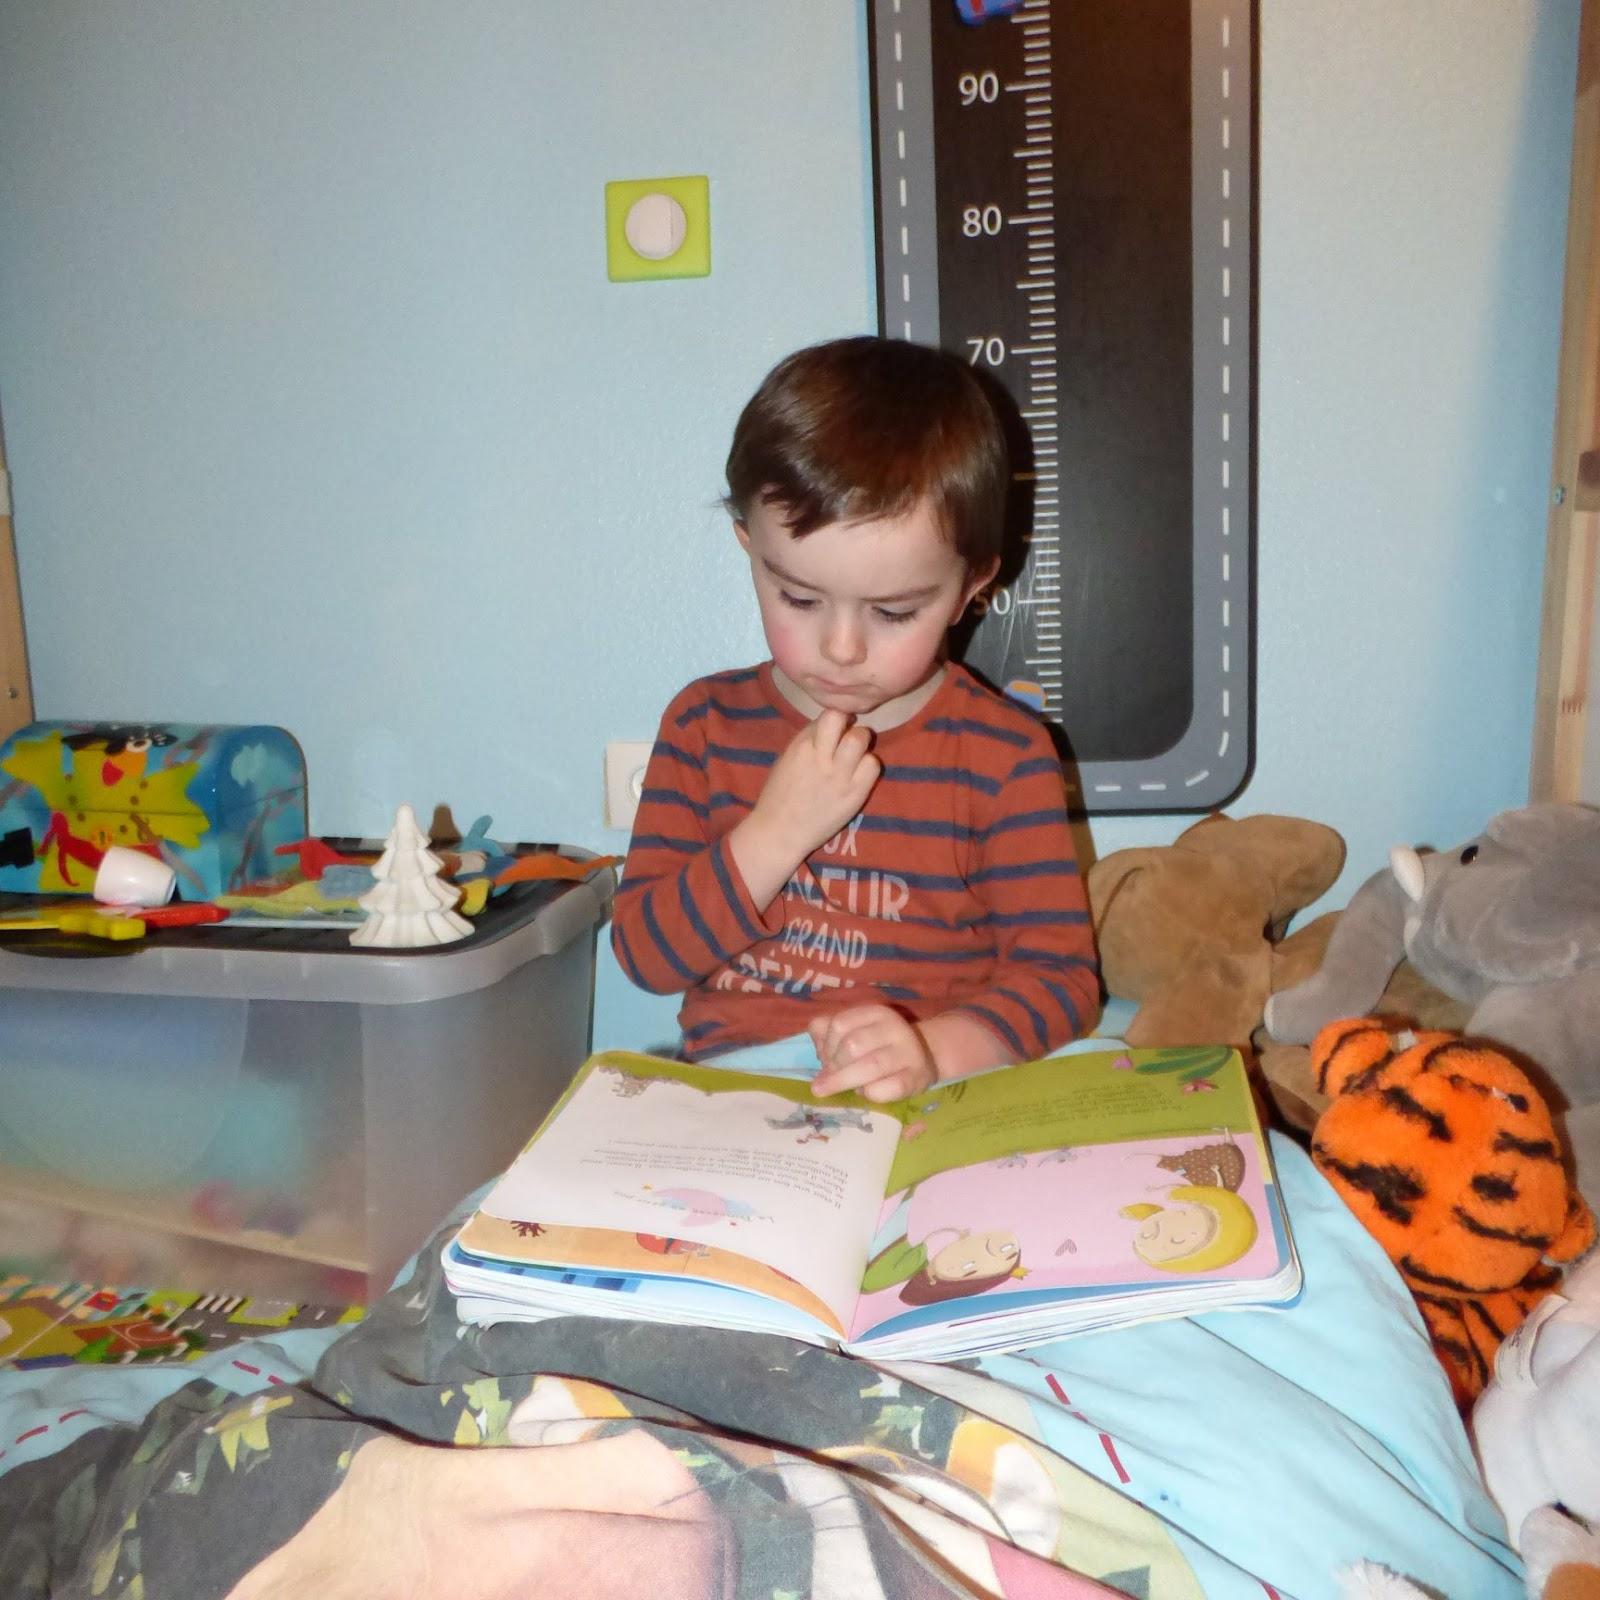 La Progression De Lecture Pour Louis 4 Ans - Montessori Et concernant Jeux Pour Apprendre À Lire 4 Ans